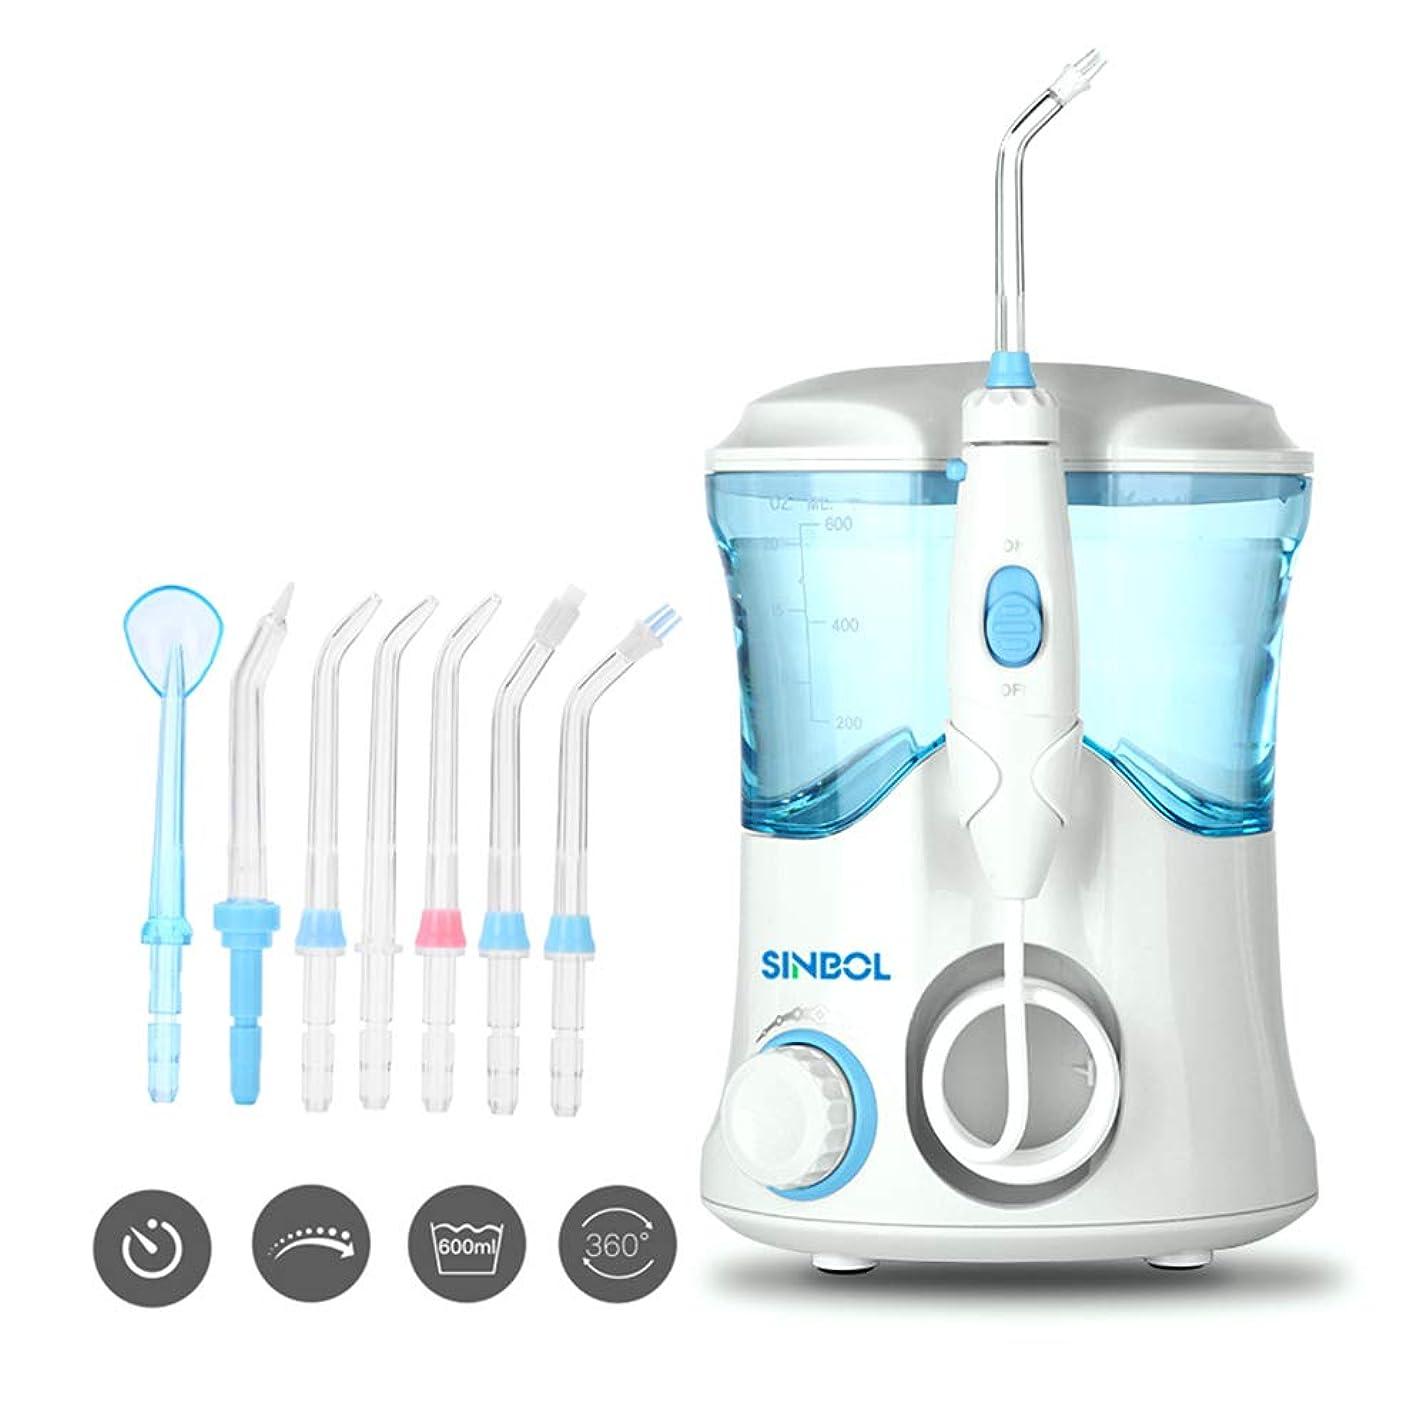 熟す優雅平和プロの歯科用洗浄器歯科用ポータブル口腔洗浄装置家庭用洗浄水石歯洗浄装置